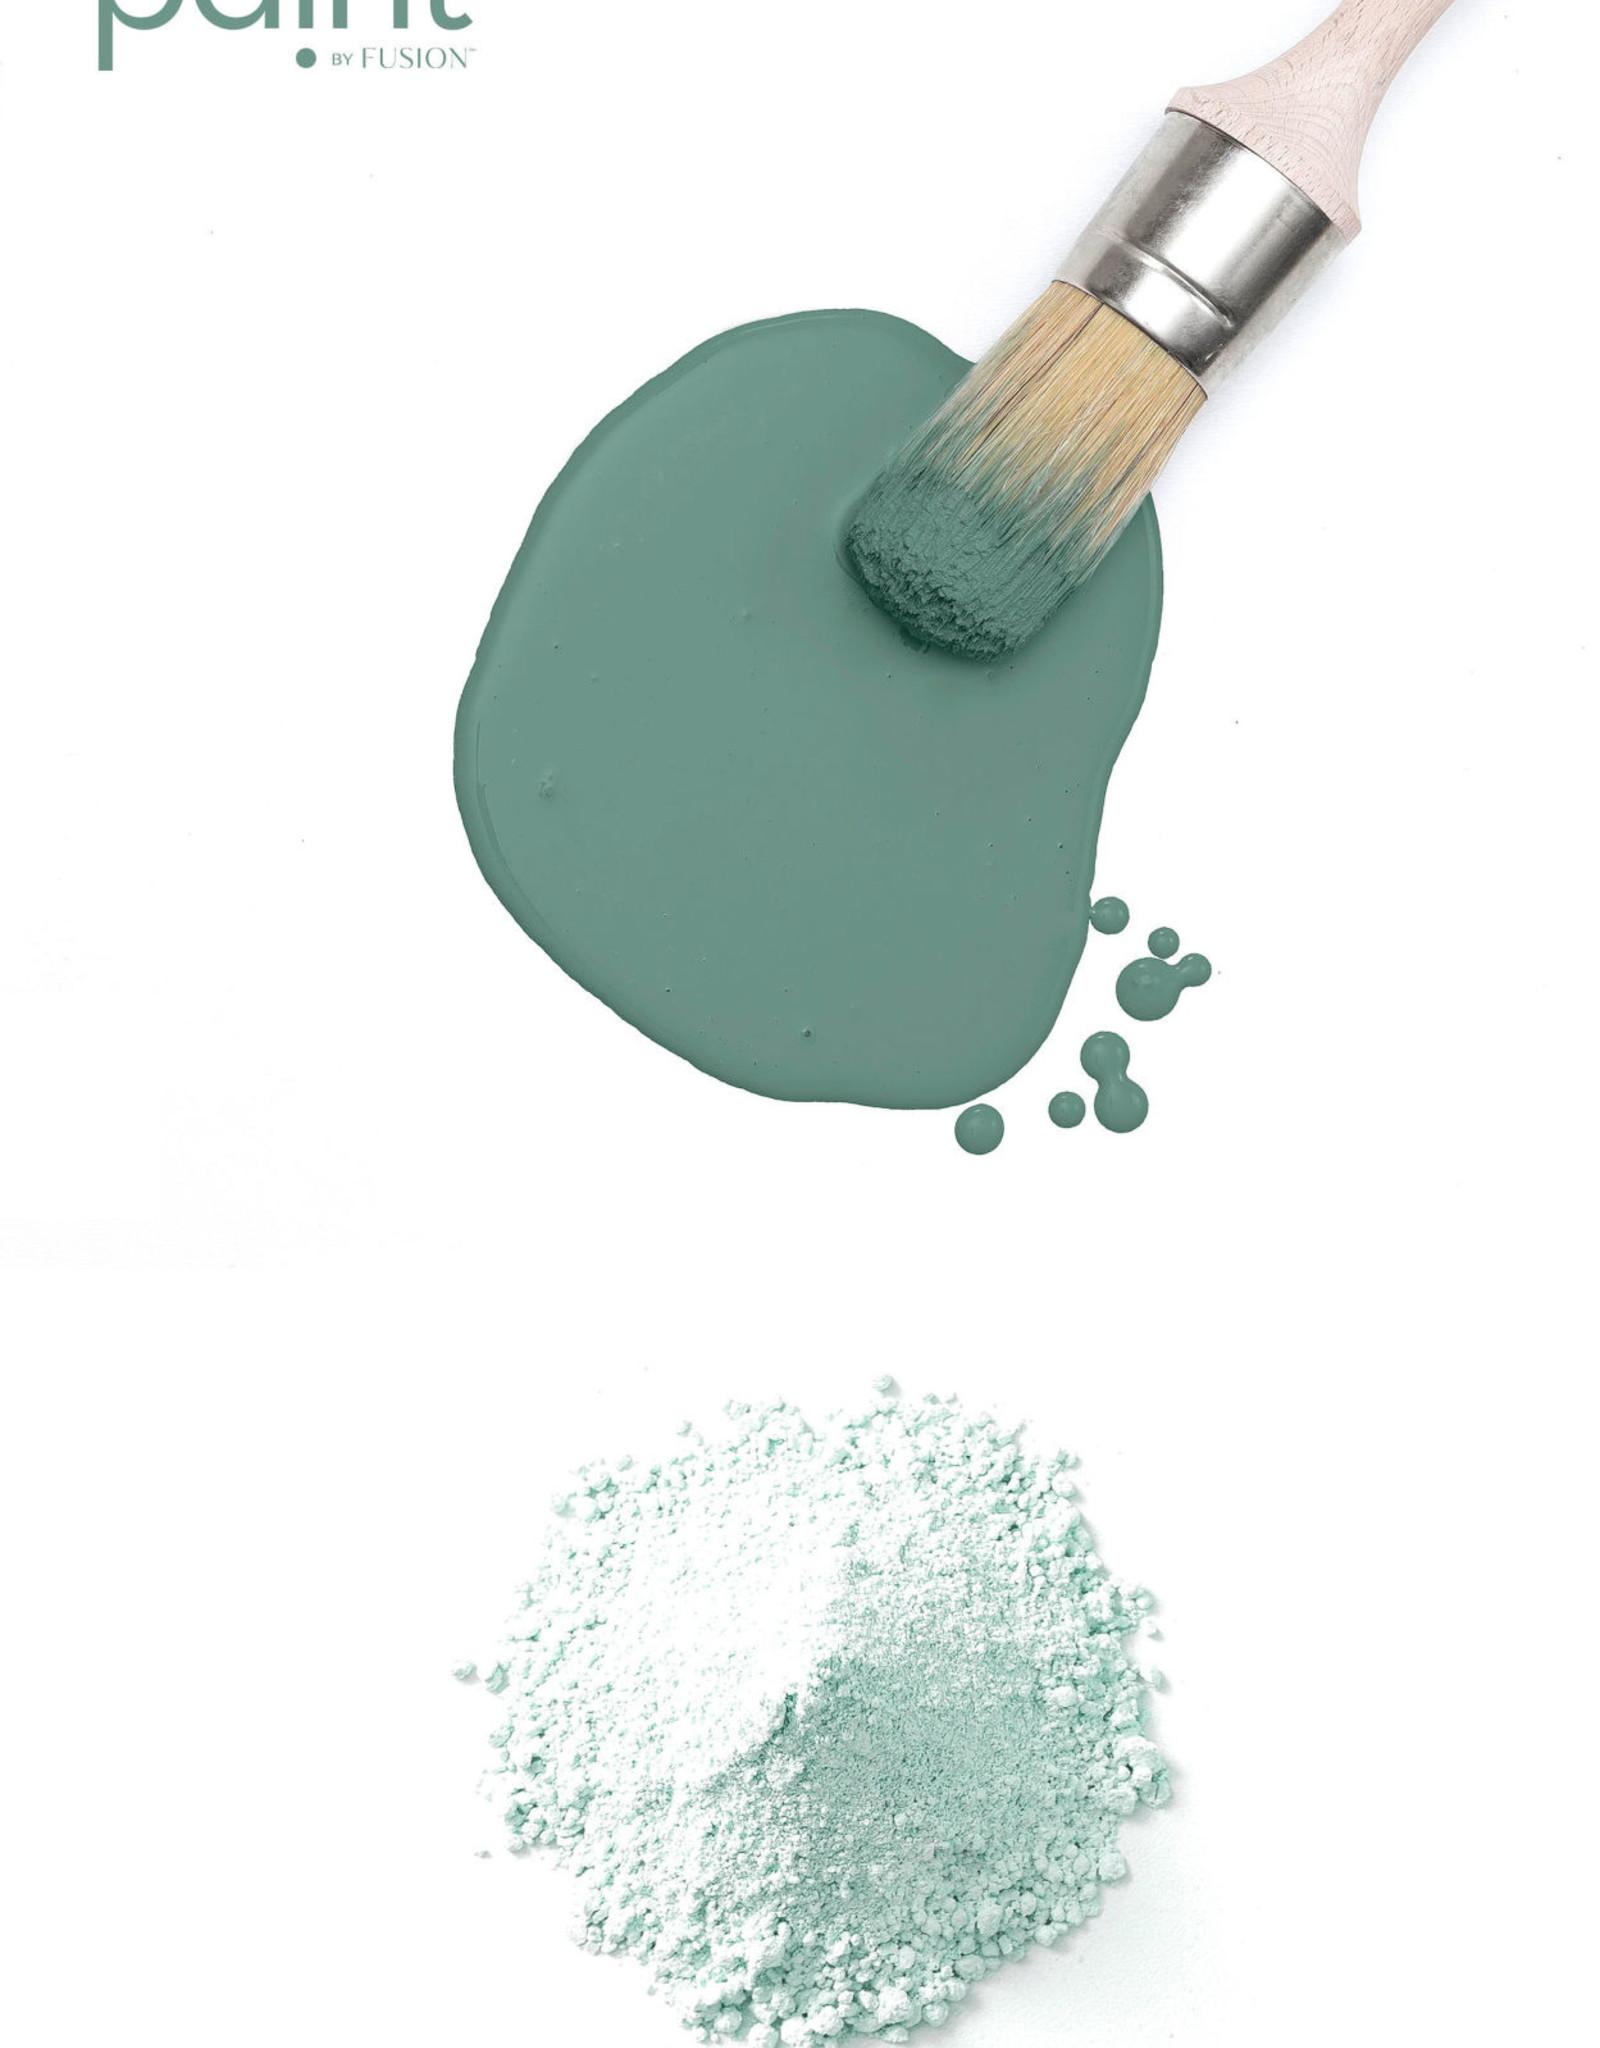 Fusion Mineral Paint Milk Paint 50g Velvet Palm